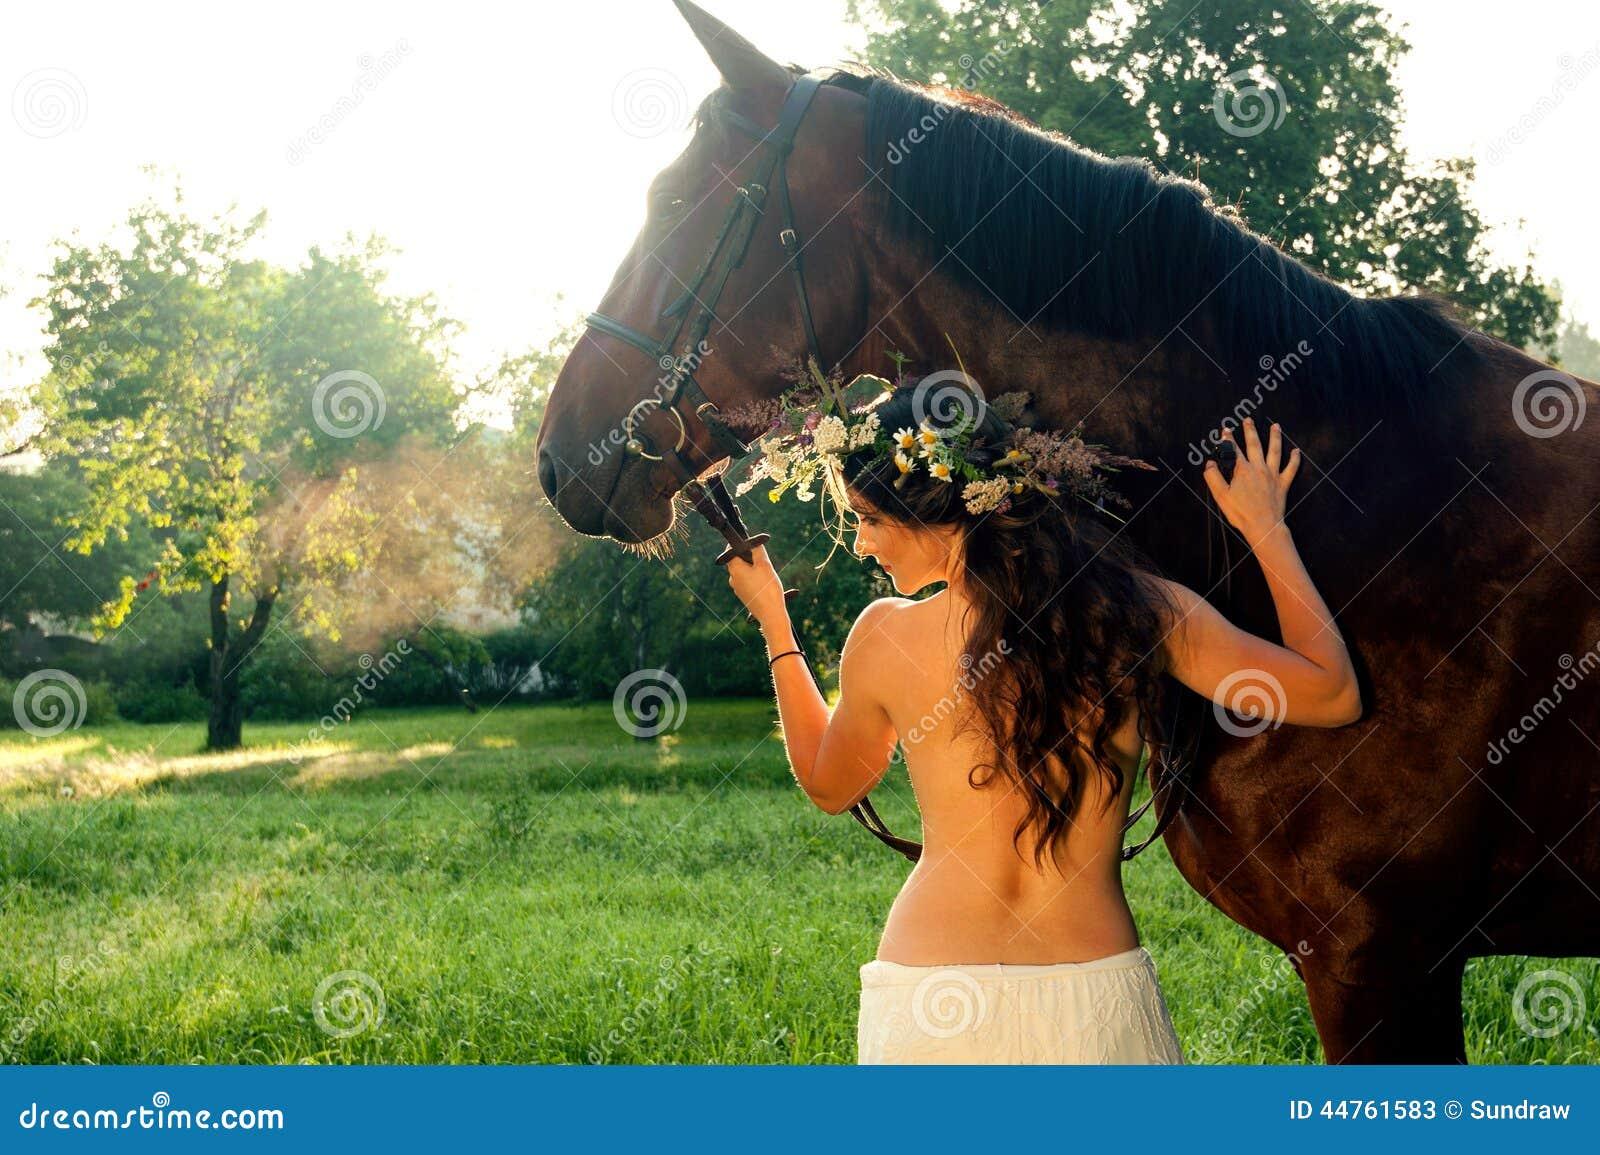 Mujer desnuda a caballo Nude Photos 80